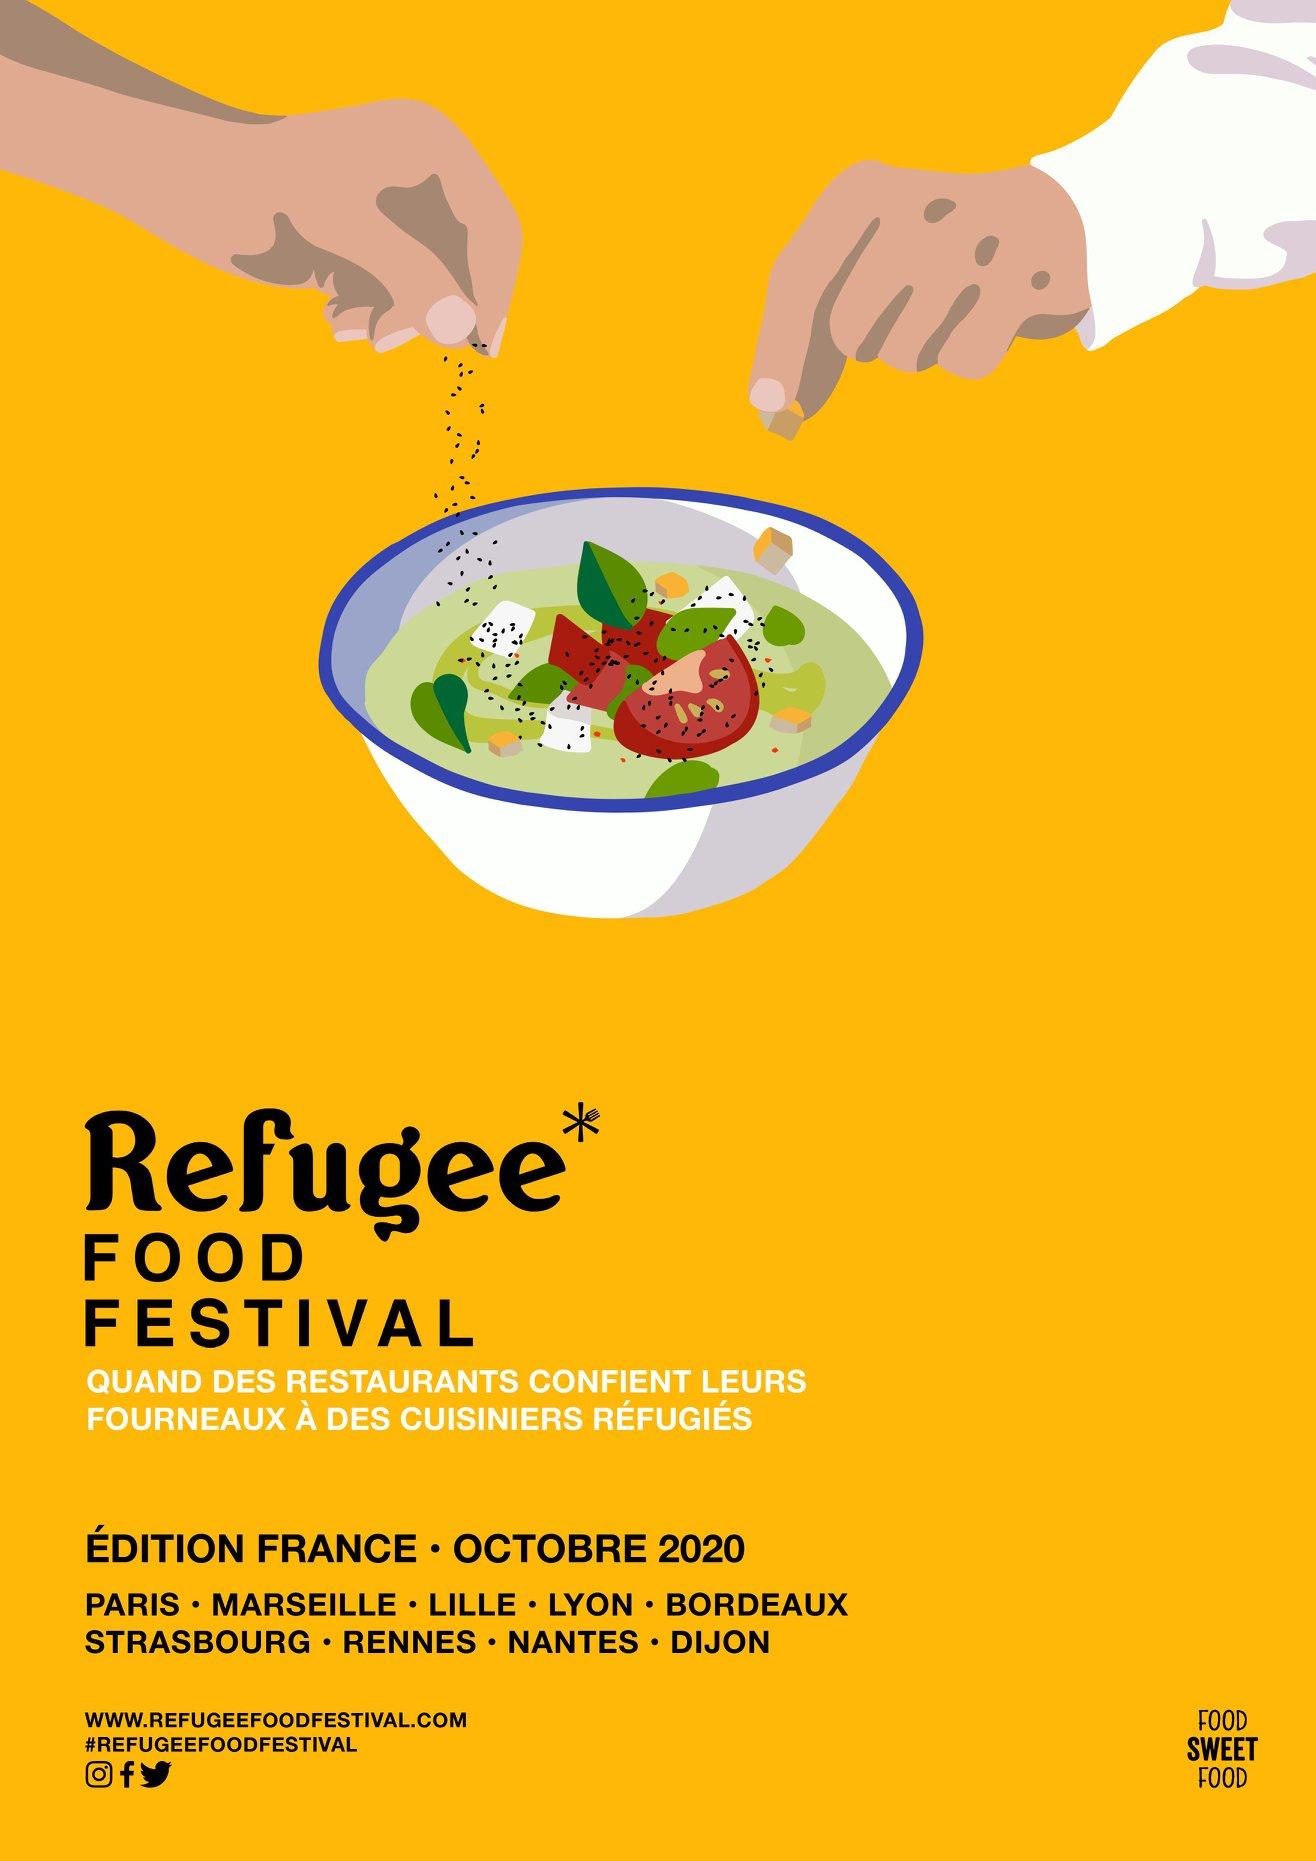 Food Sweet Food et soutenue par le HCR, l'Agence des Nations Unies pour les réfugiés.